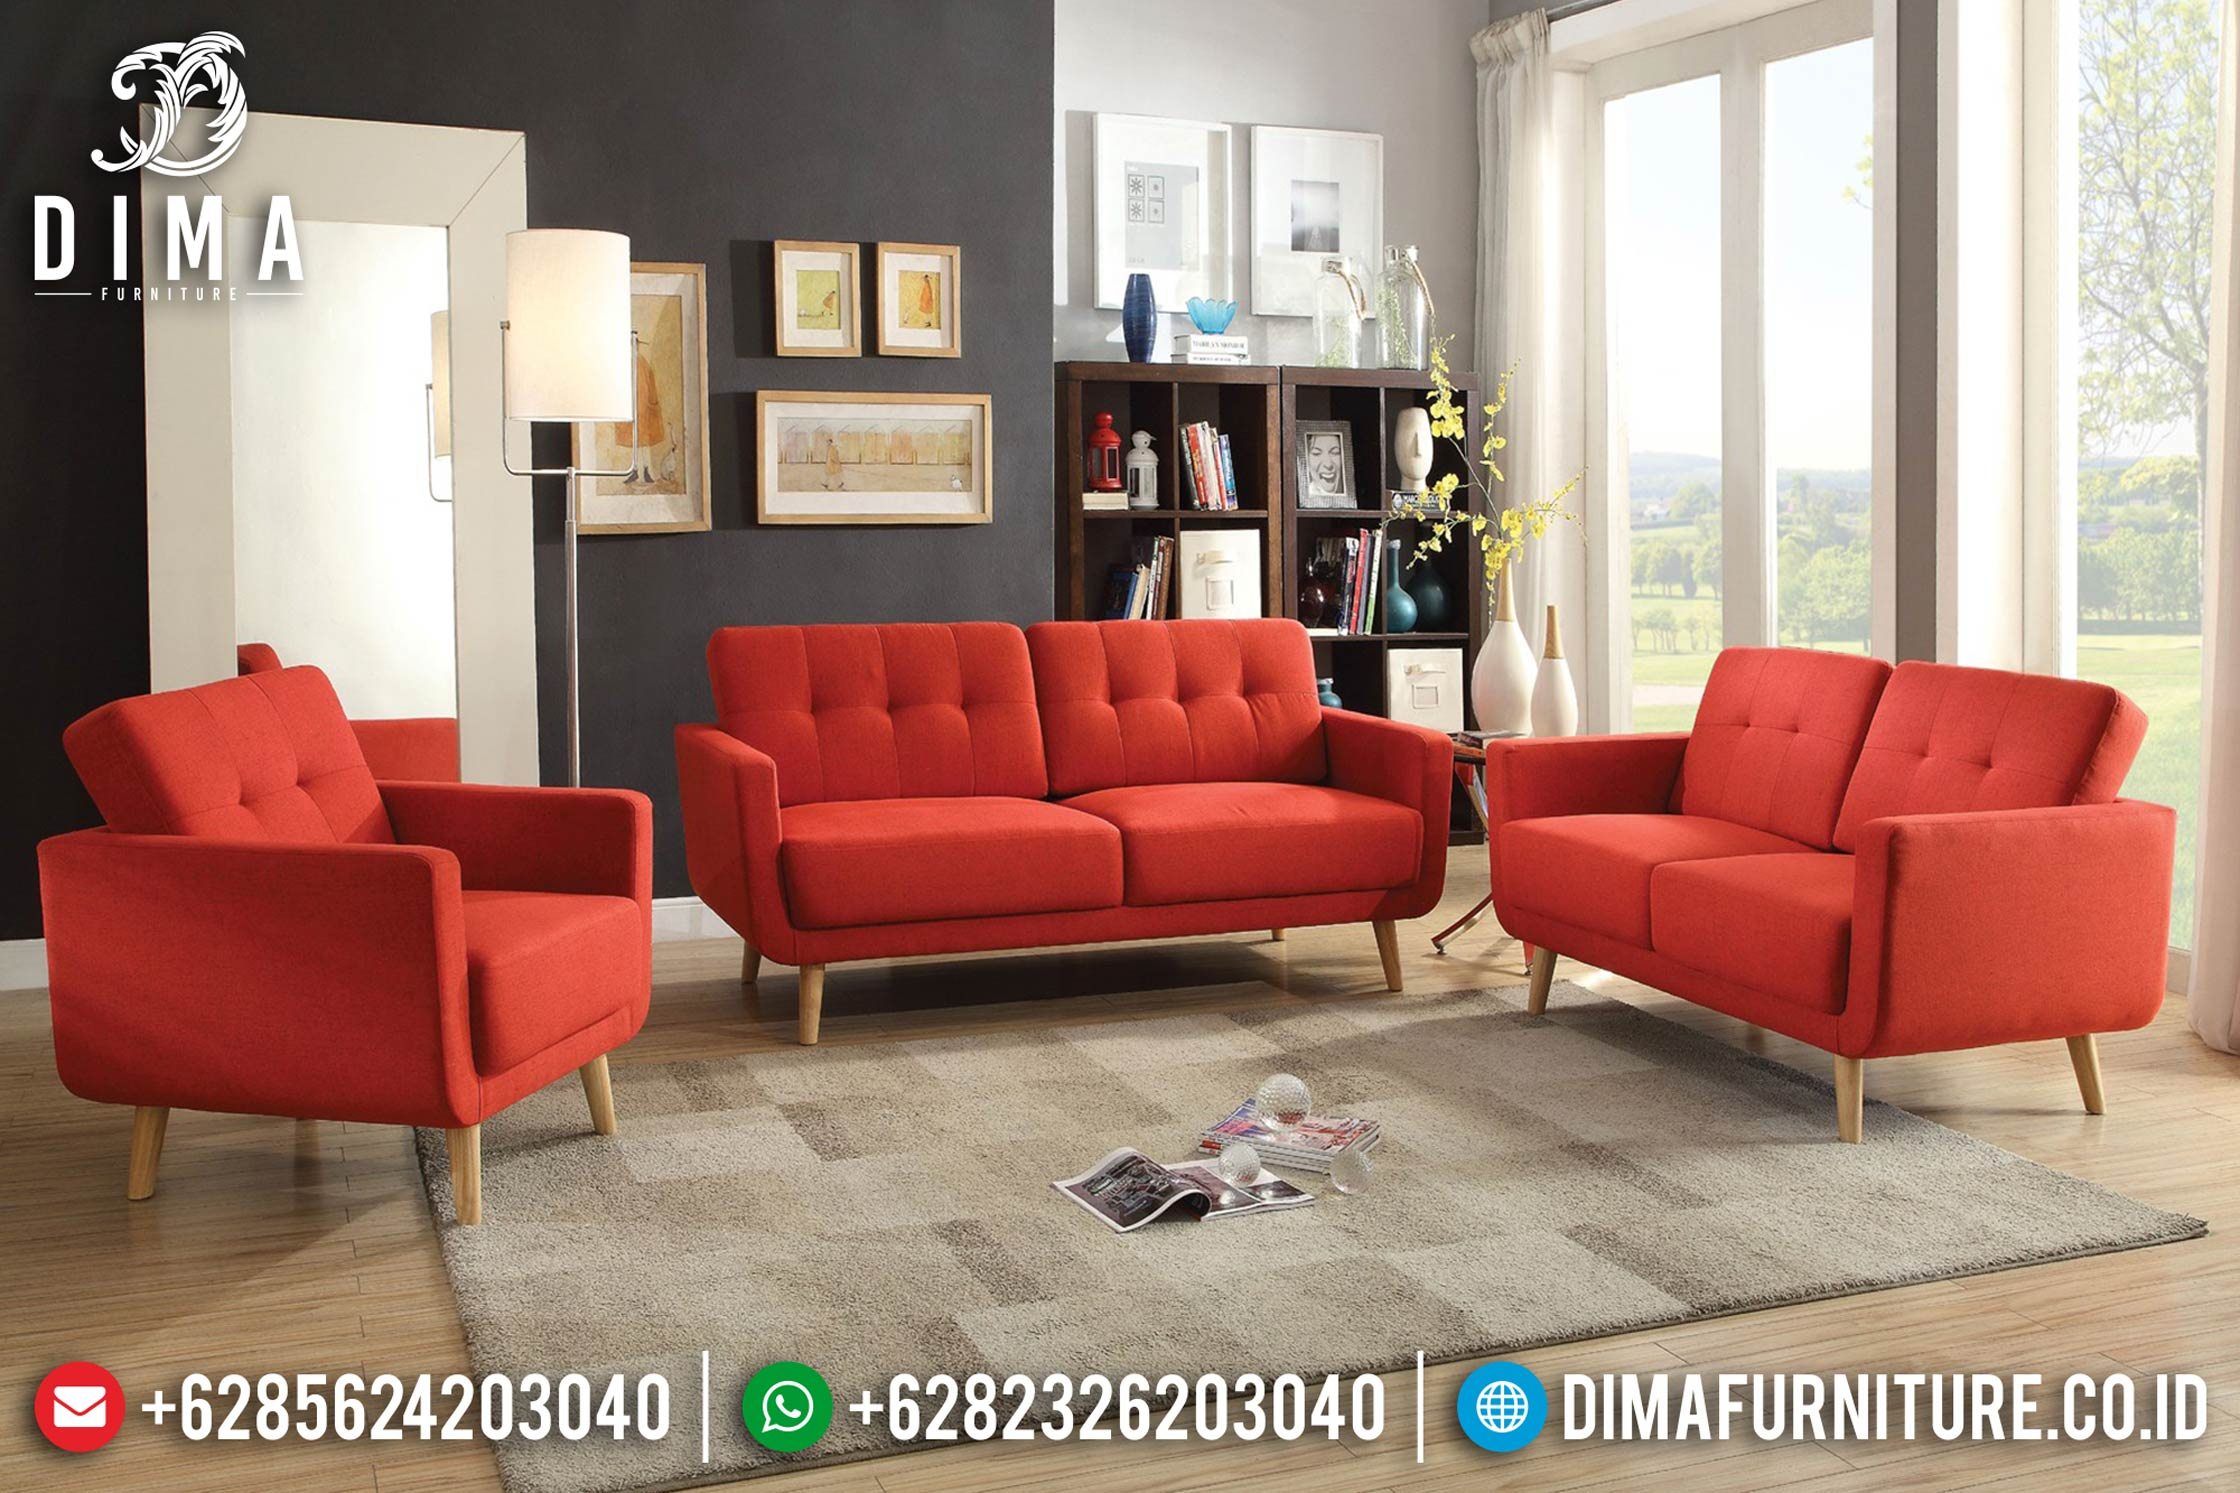 Jual Mebel Jepara Terbaru Set Sofa Tamu Minimalis Modern Cover Merah ST-0411